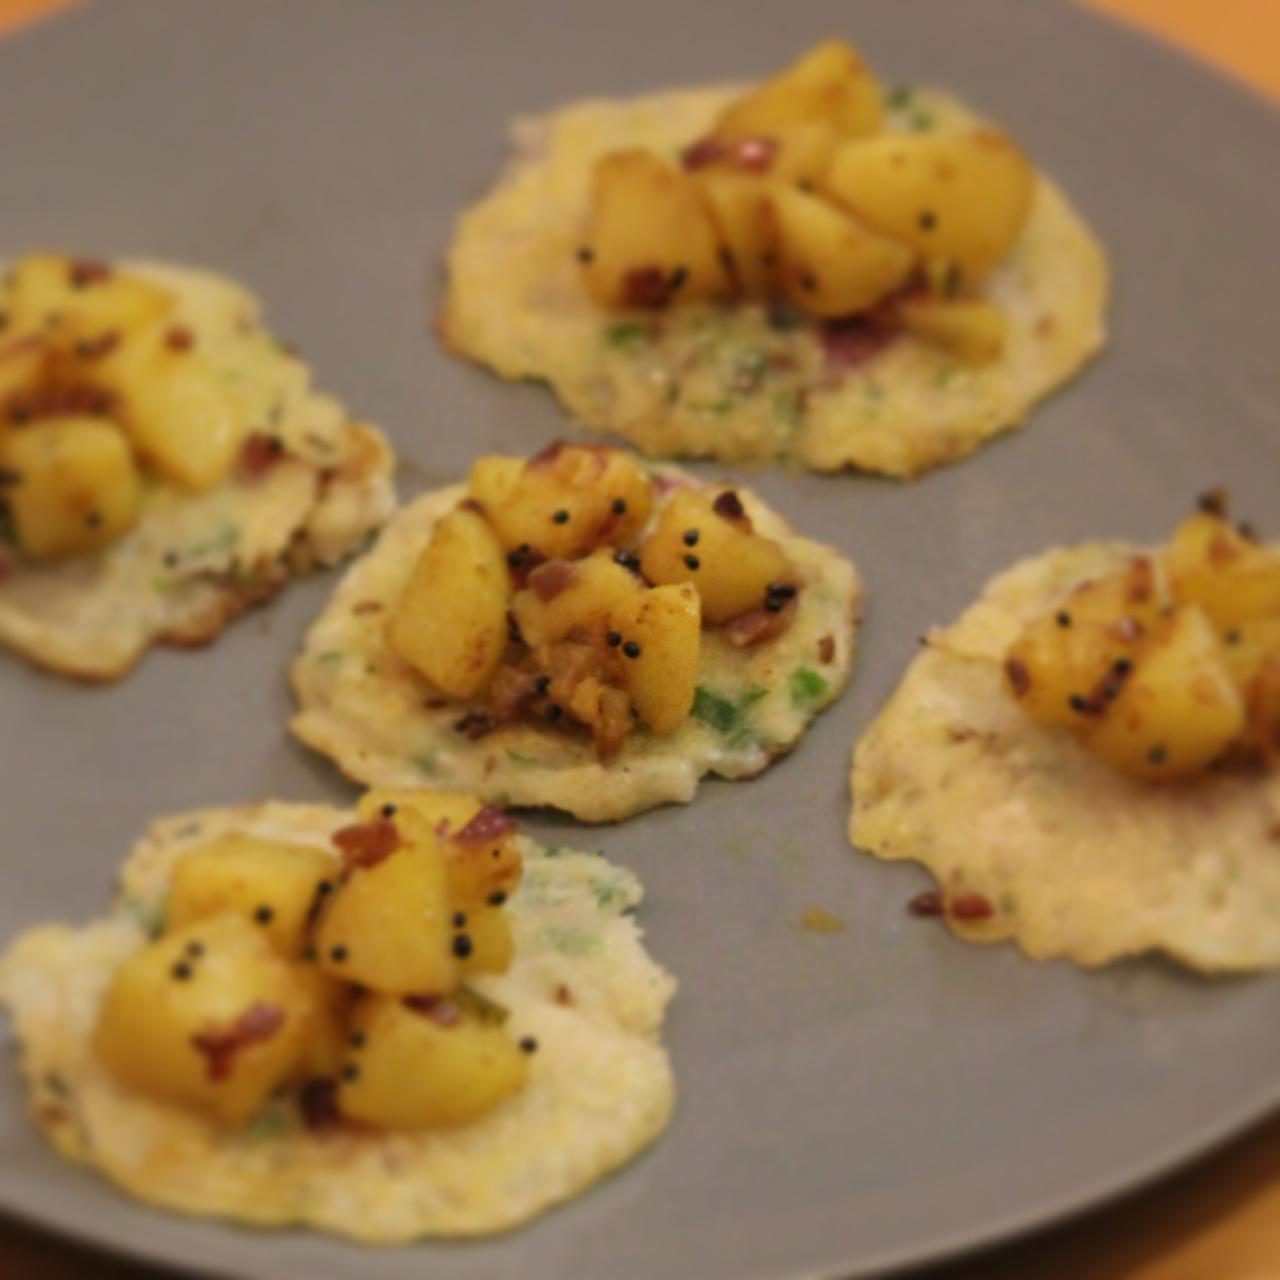 Onion uttappa with potatobhajji